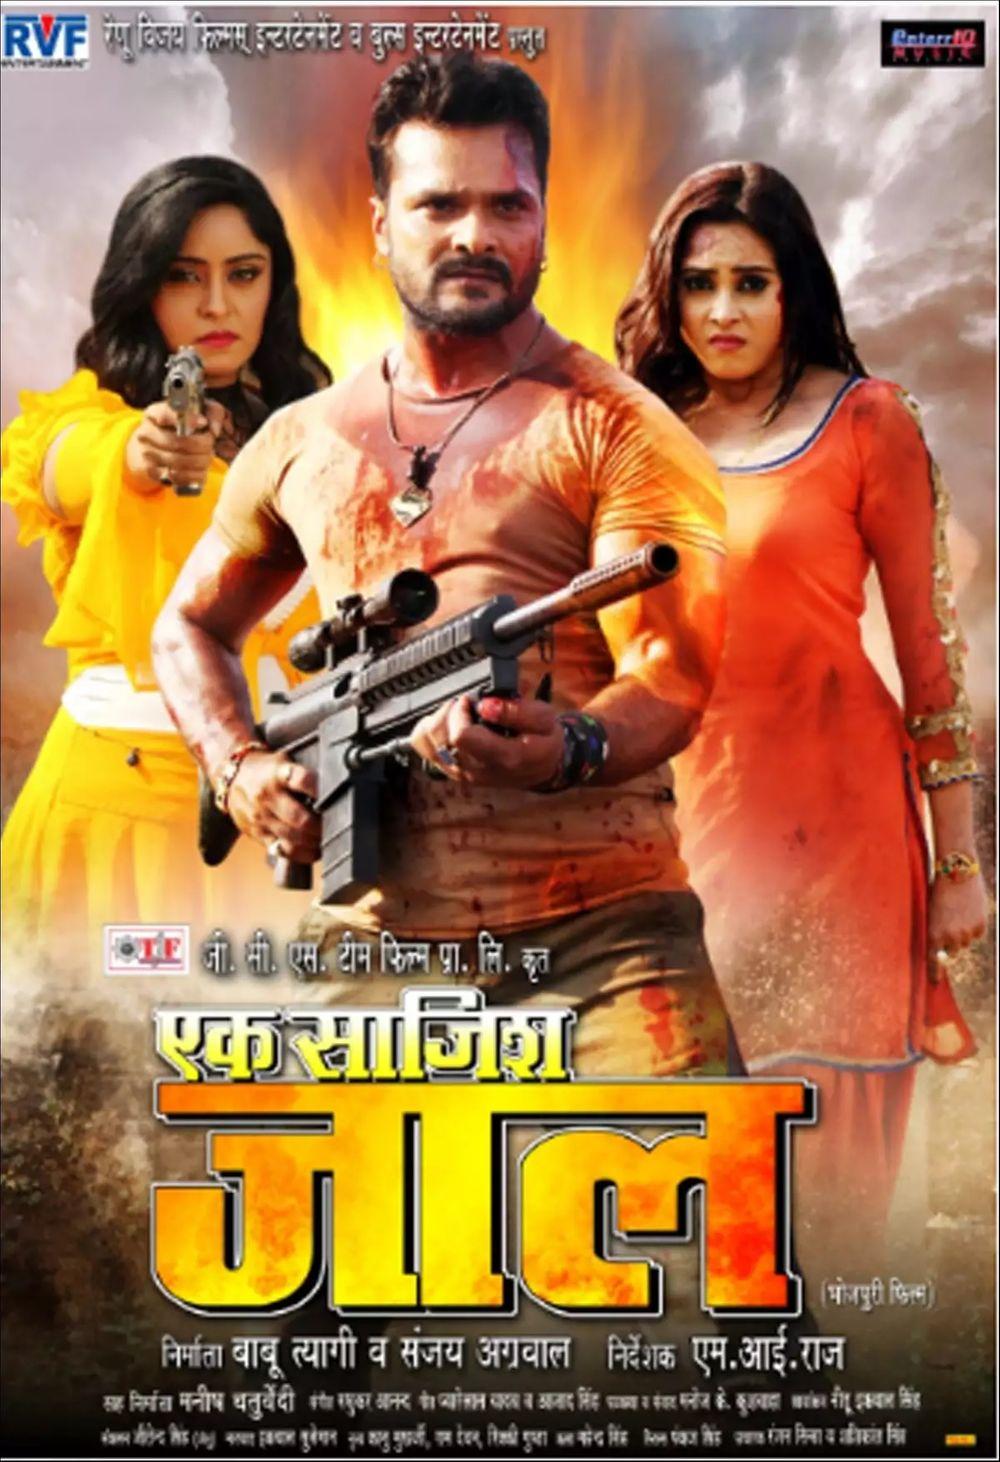 Ek Saazish Jaal 2020 Bhojpuri Movie 720p HDTV 1GB Watch Online